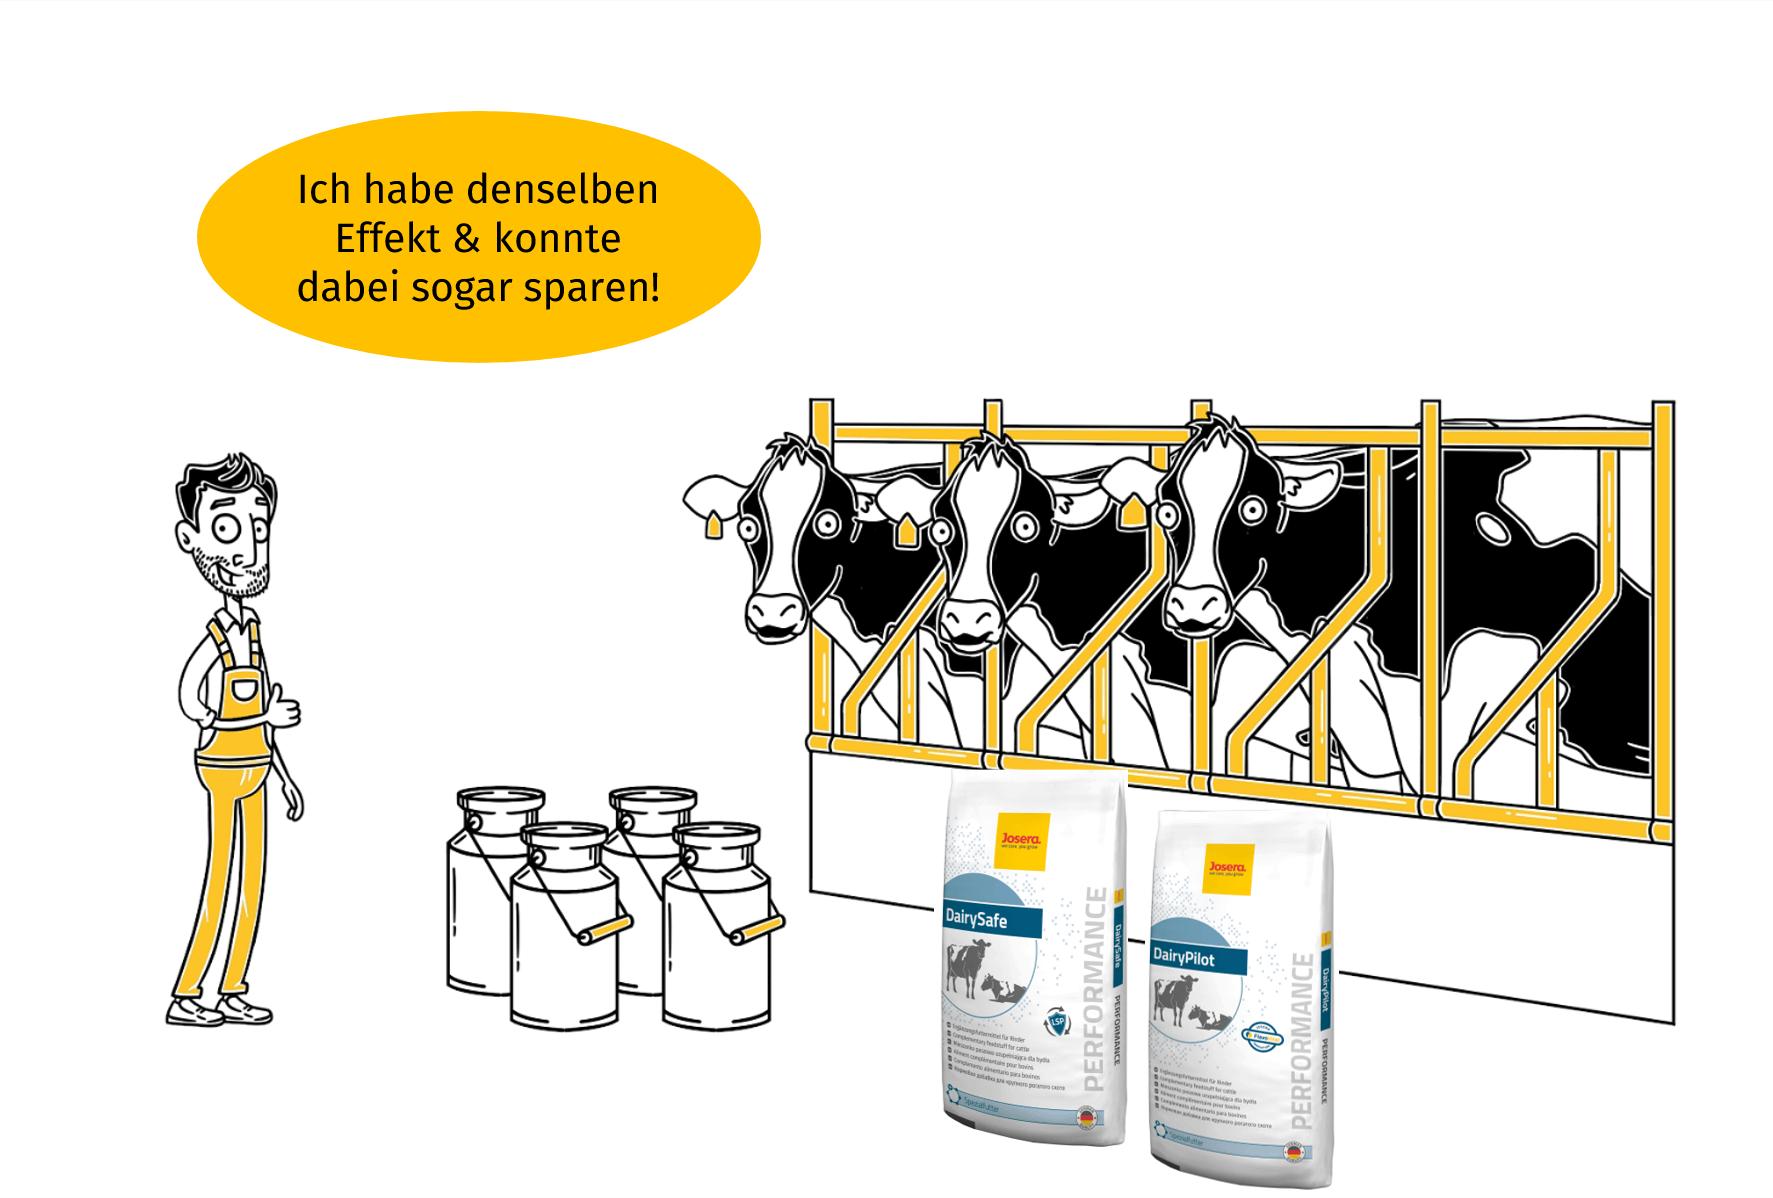 Schaubild zu JOSERA DairySafe und DairyPilot als Alternativen zu Propylenglycol mit gleichem Effekt und Sparpotential